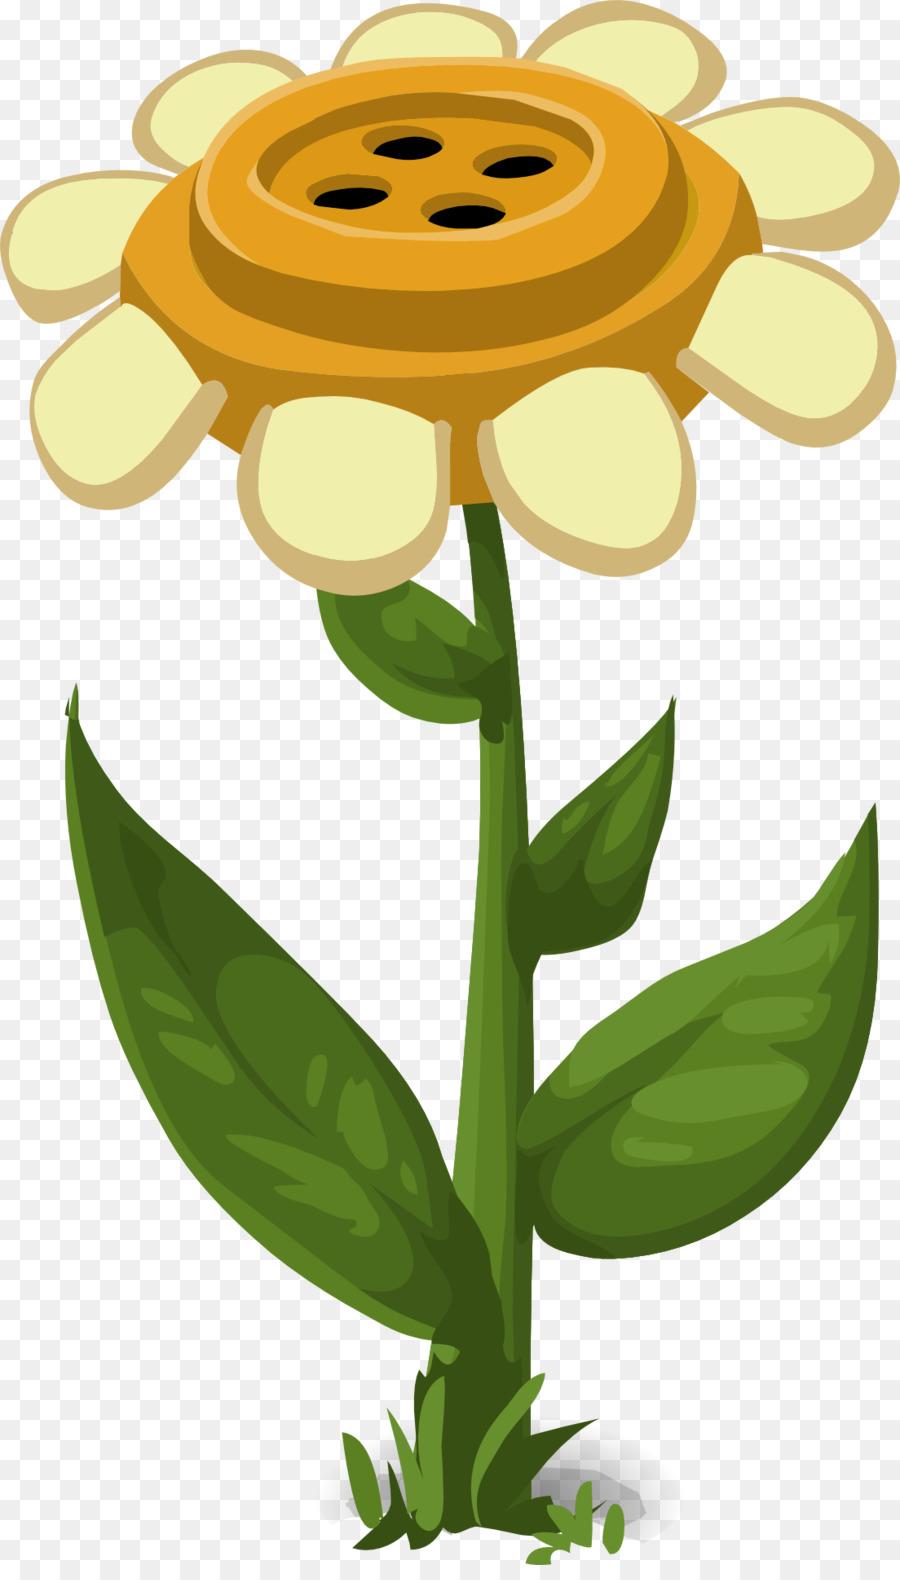 Descarga gratuita de Flor, Pétalo, Tallo De La Planta Imágen de Png